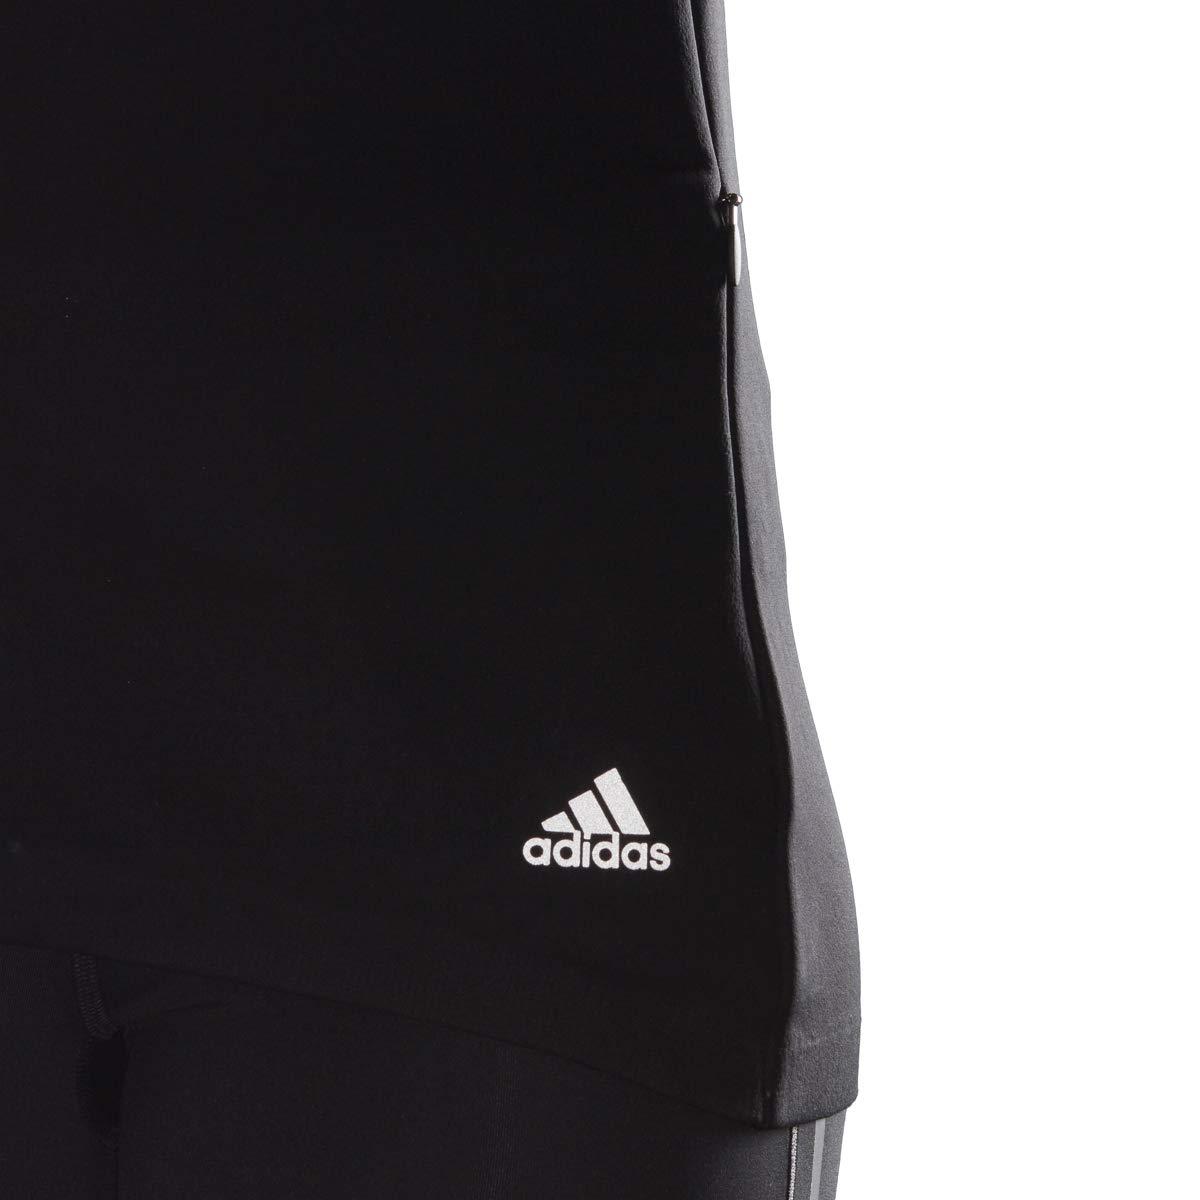 adidas Running Ultra Track Jacket, Black, Medium